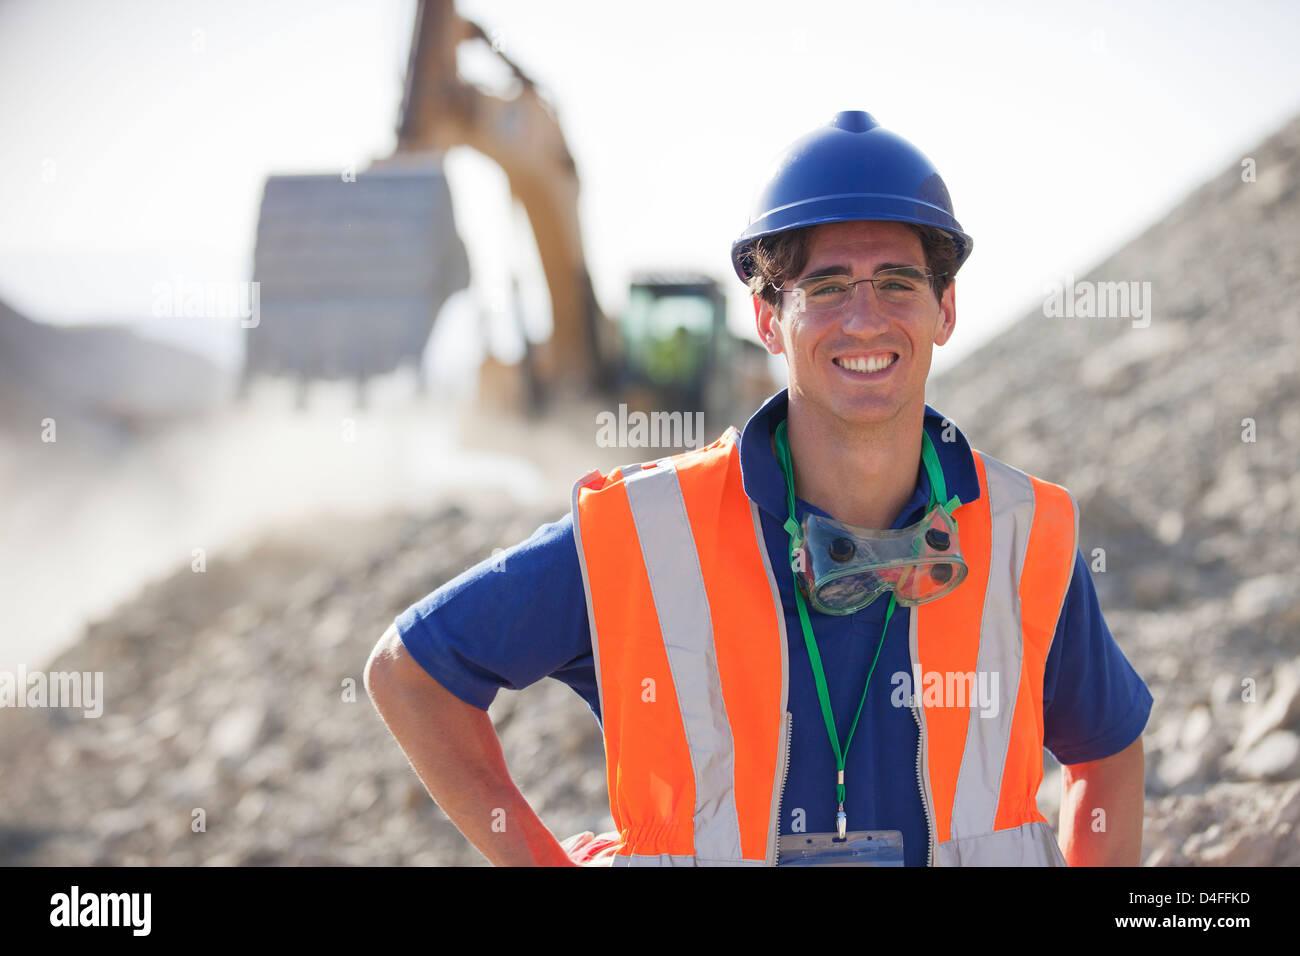 Arbeiter im Steinbruch lächelnd Stockbild